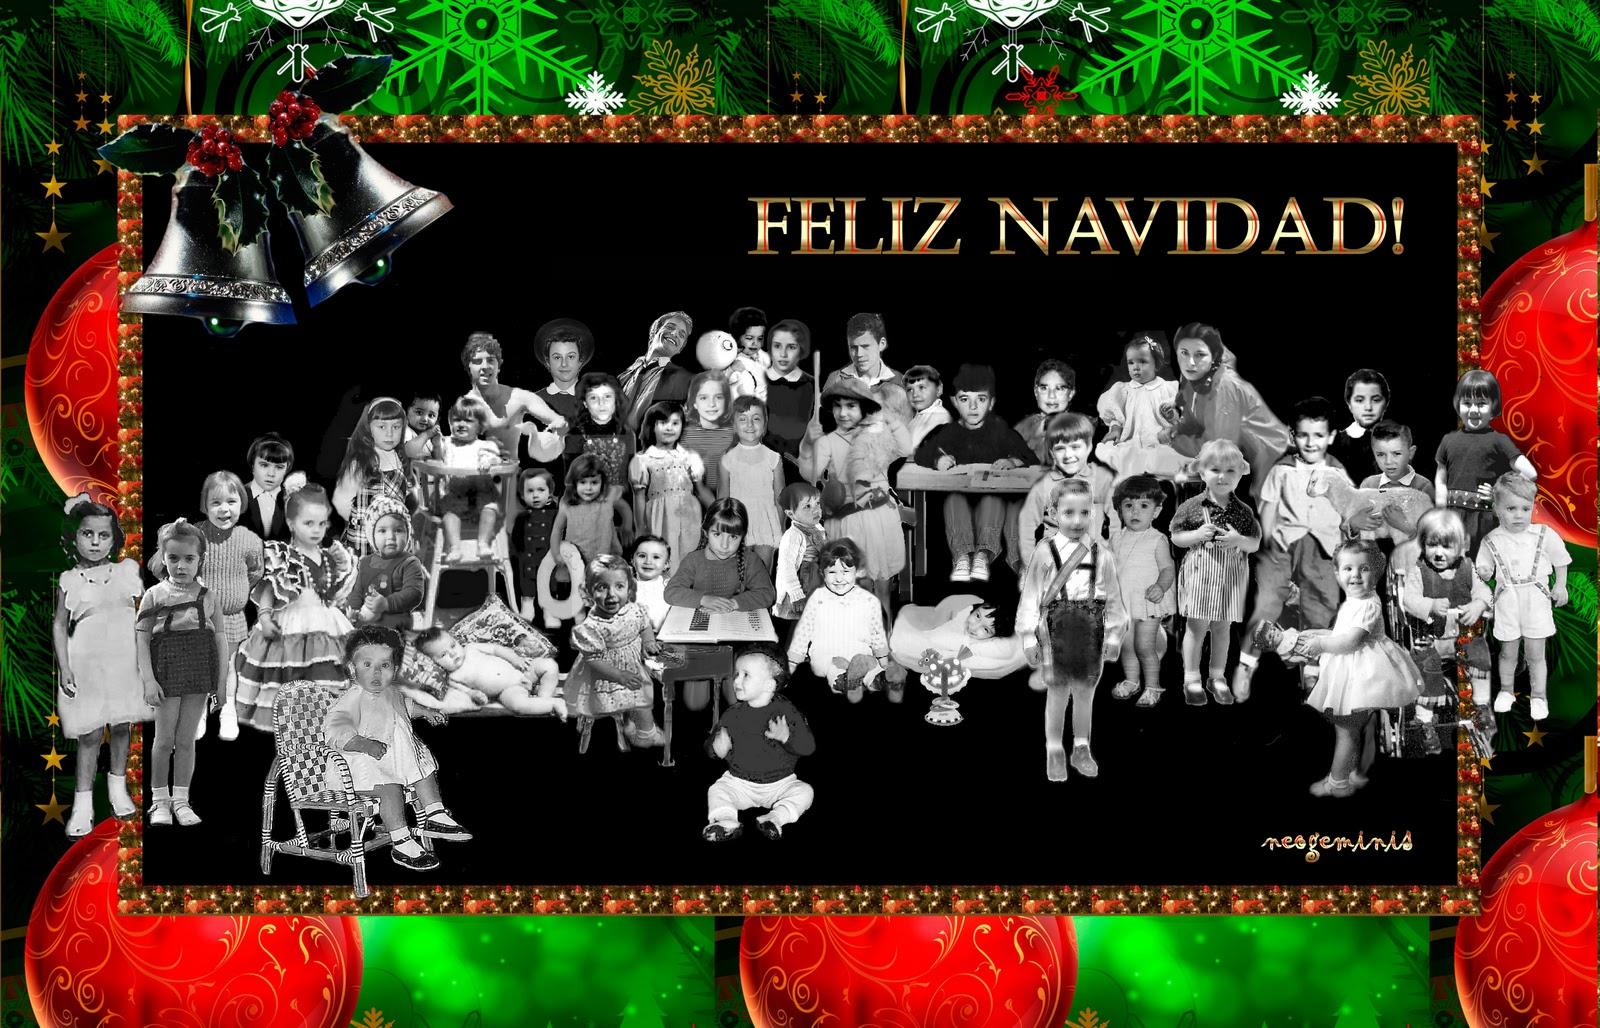 Un regalo de Navidad (2010)